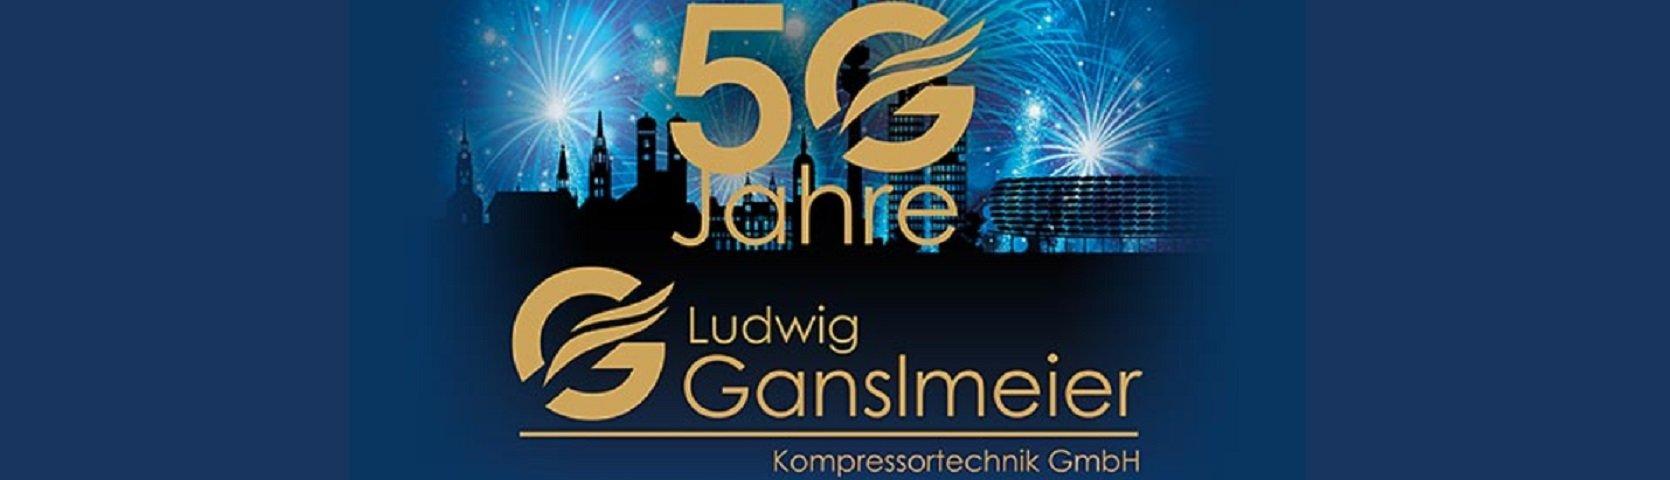 Ludwig Ganslmeier Kompressortechnik GmbH